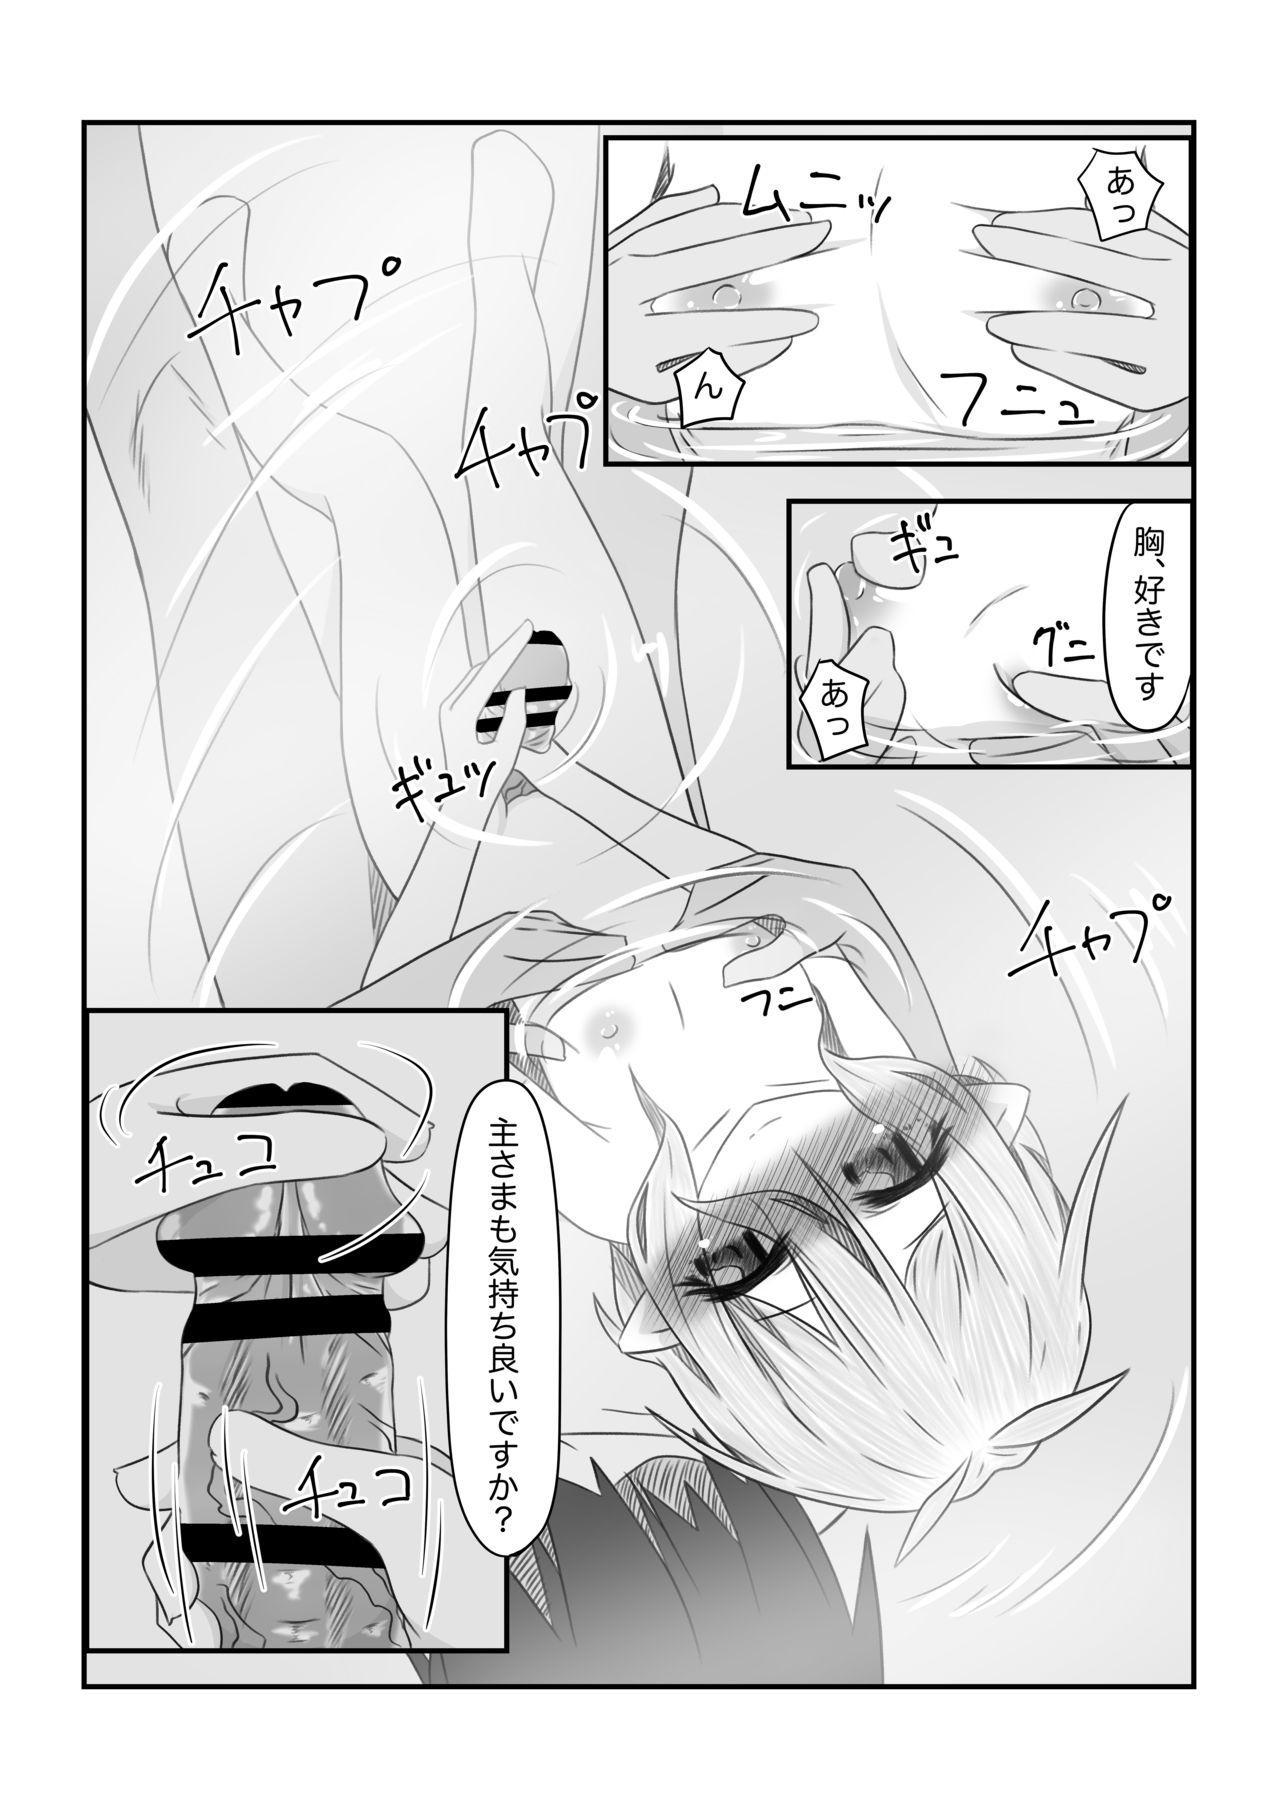 Sore wa amesu-sama ni kinshi sa rete imasu 56